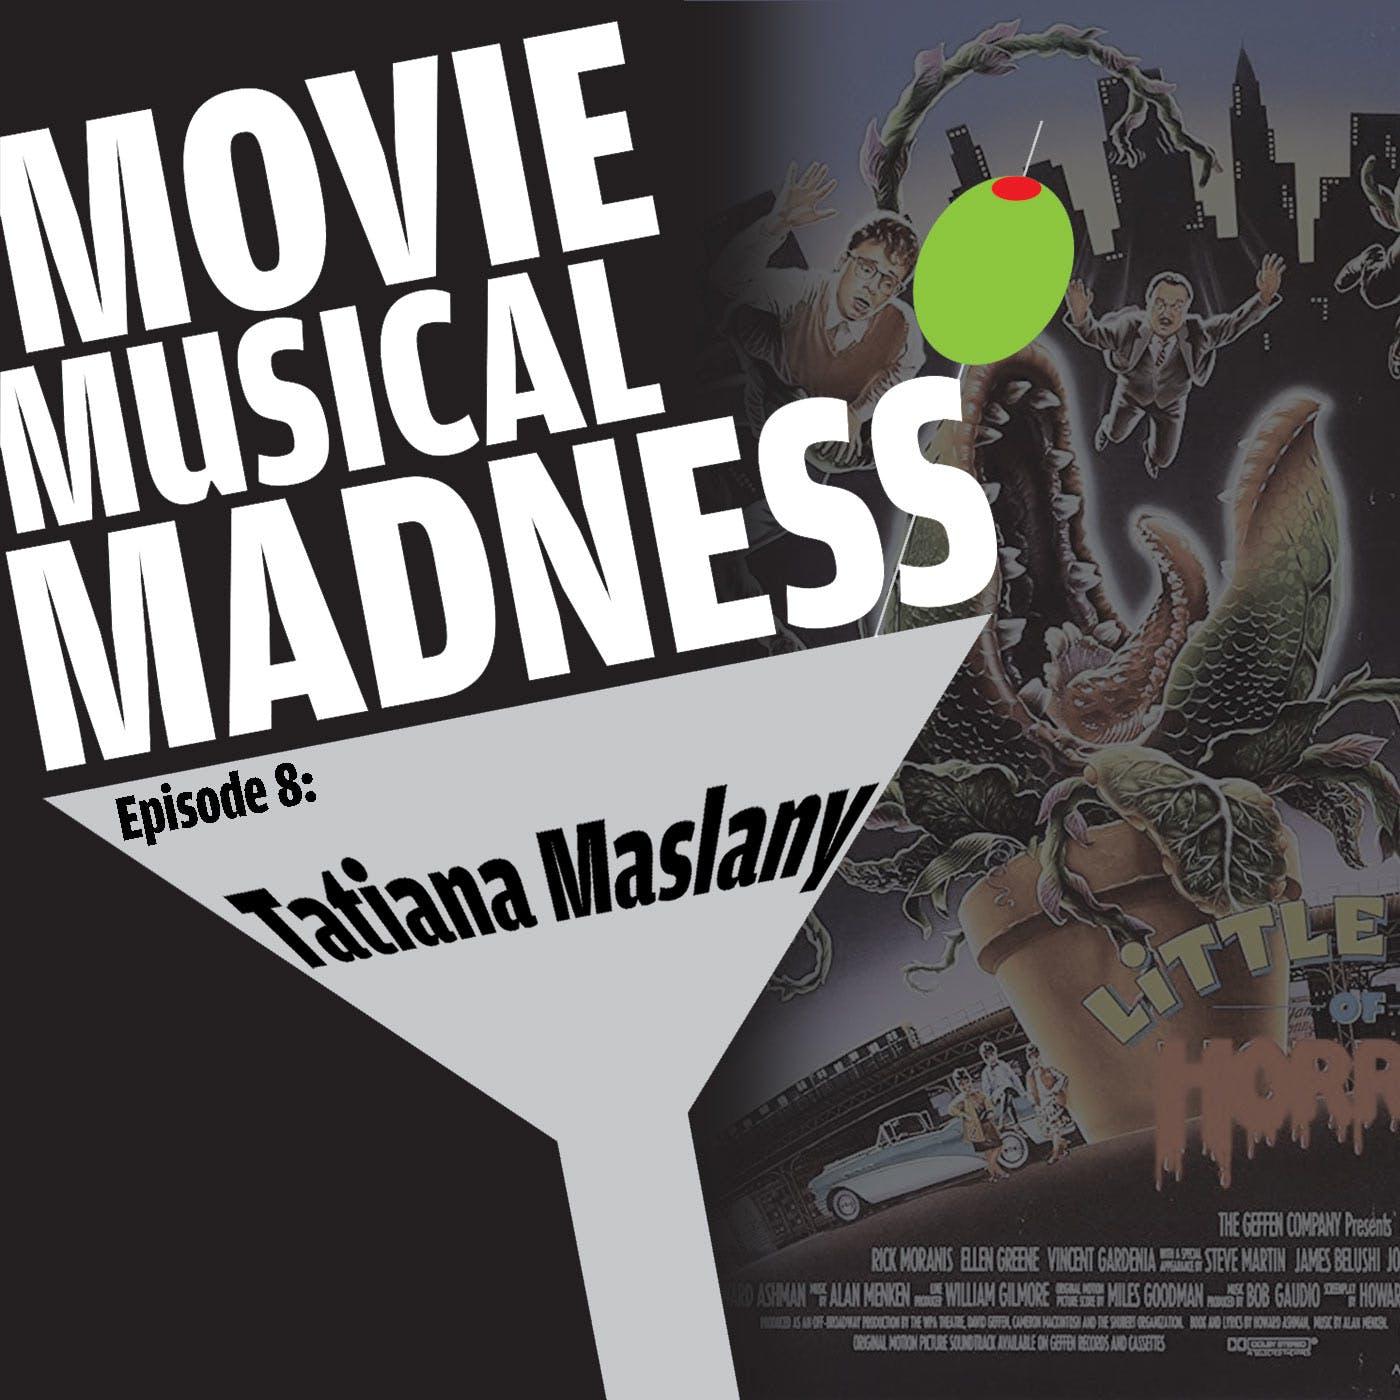 #8 - Mushnik Mash, with Tatiana Maslany